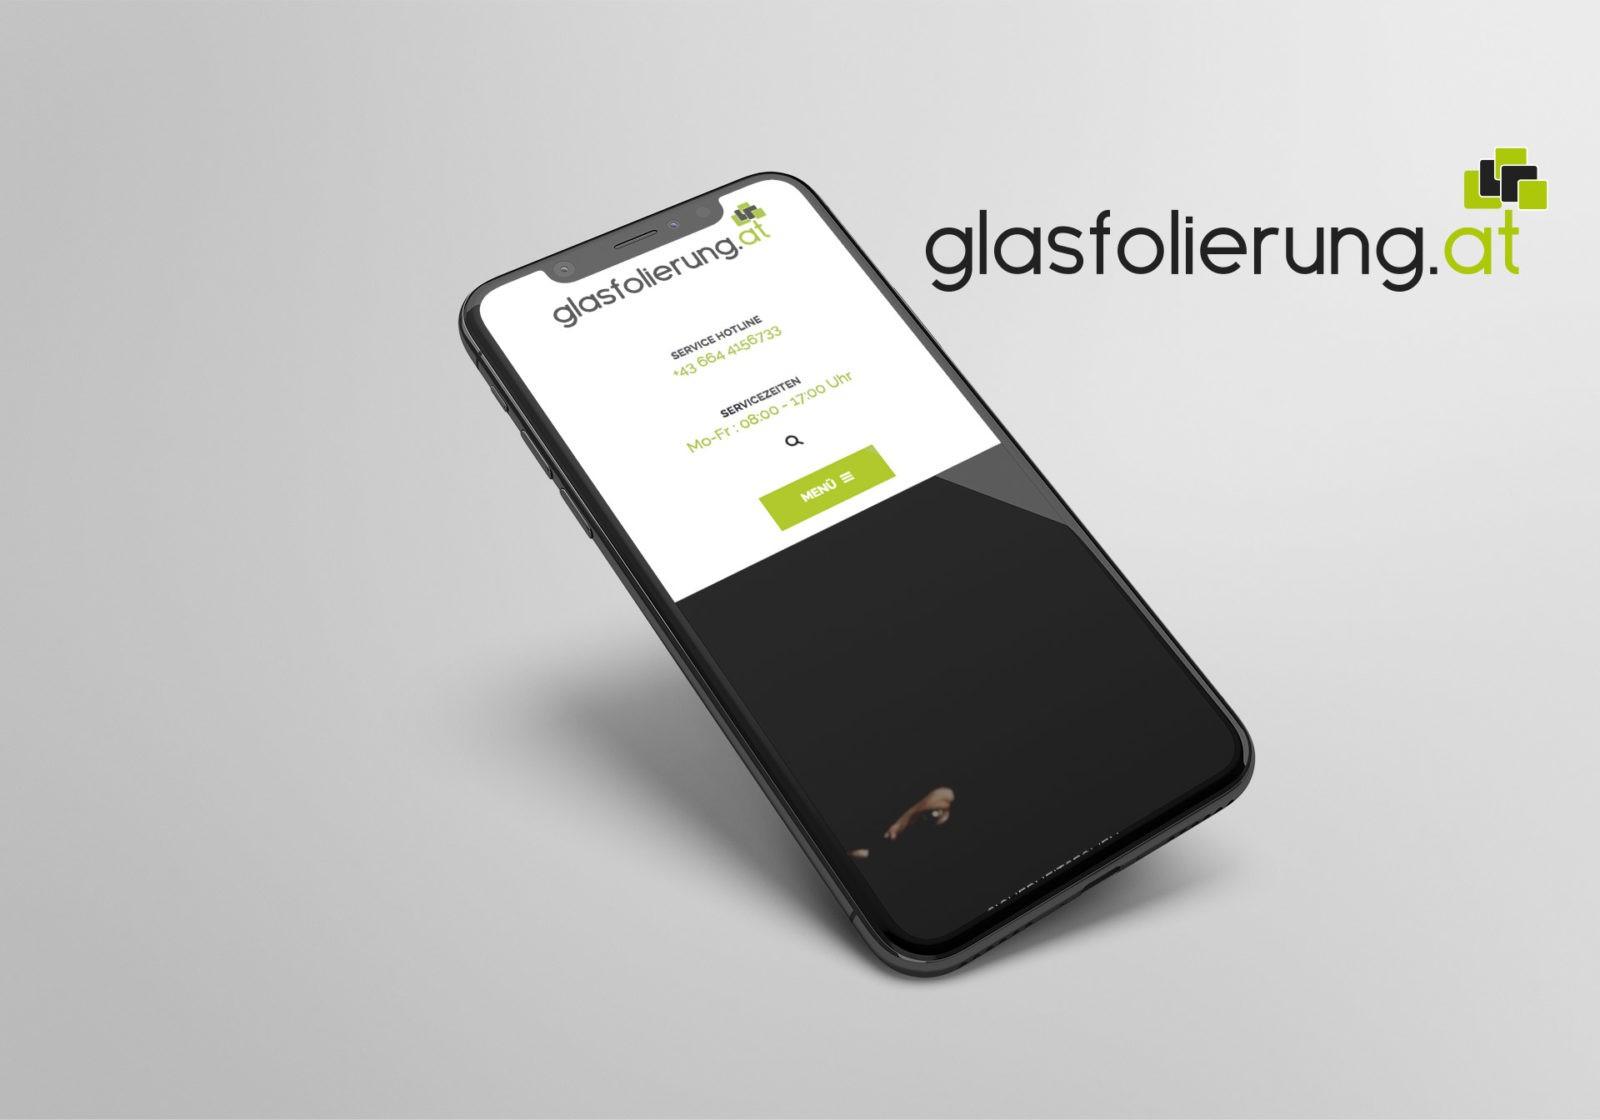 Referenz Glasfolierung Webseite